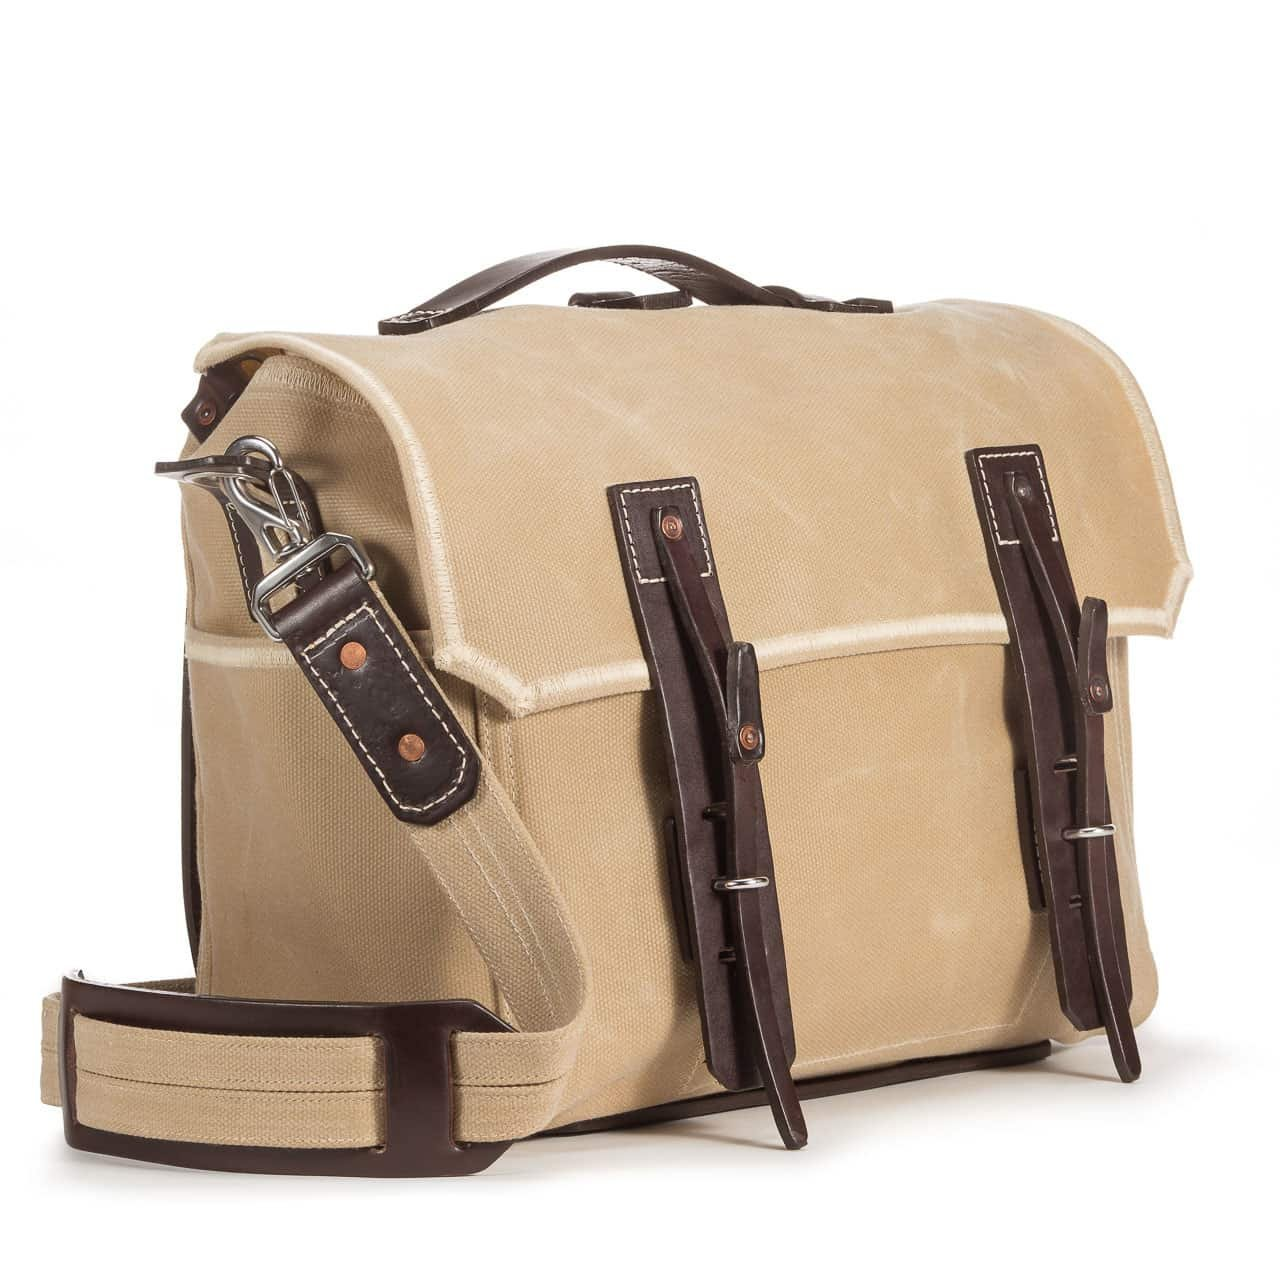 Saddleback Leather Co. Mountain Back ラージ ワックスキャンバスギアバッグ - キャンバスとレザーメッセンジャー - 100年保証 B07FR3QFN6